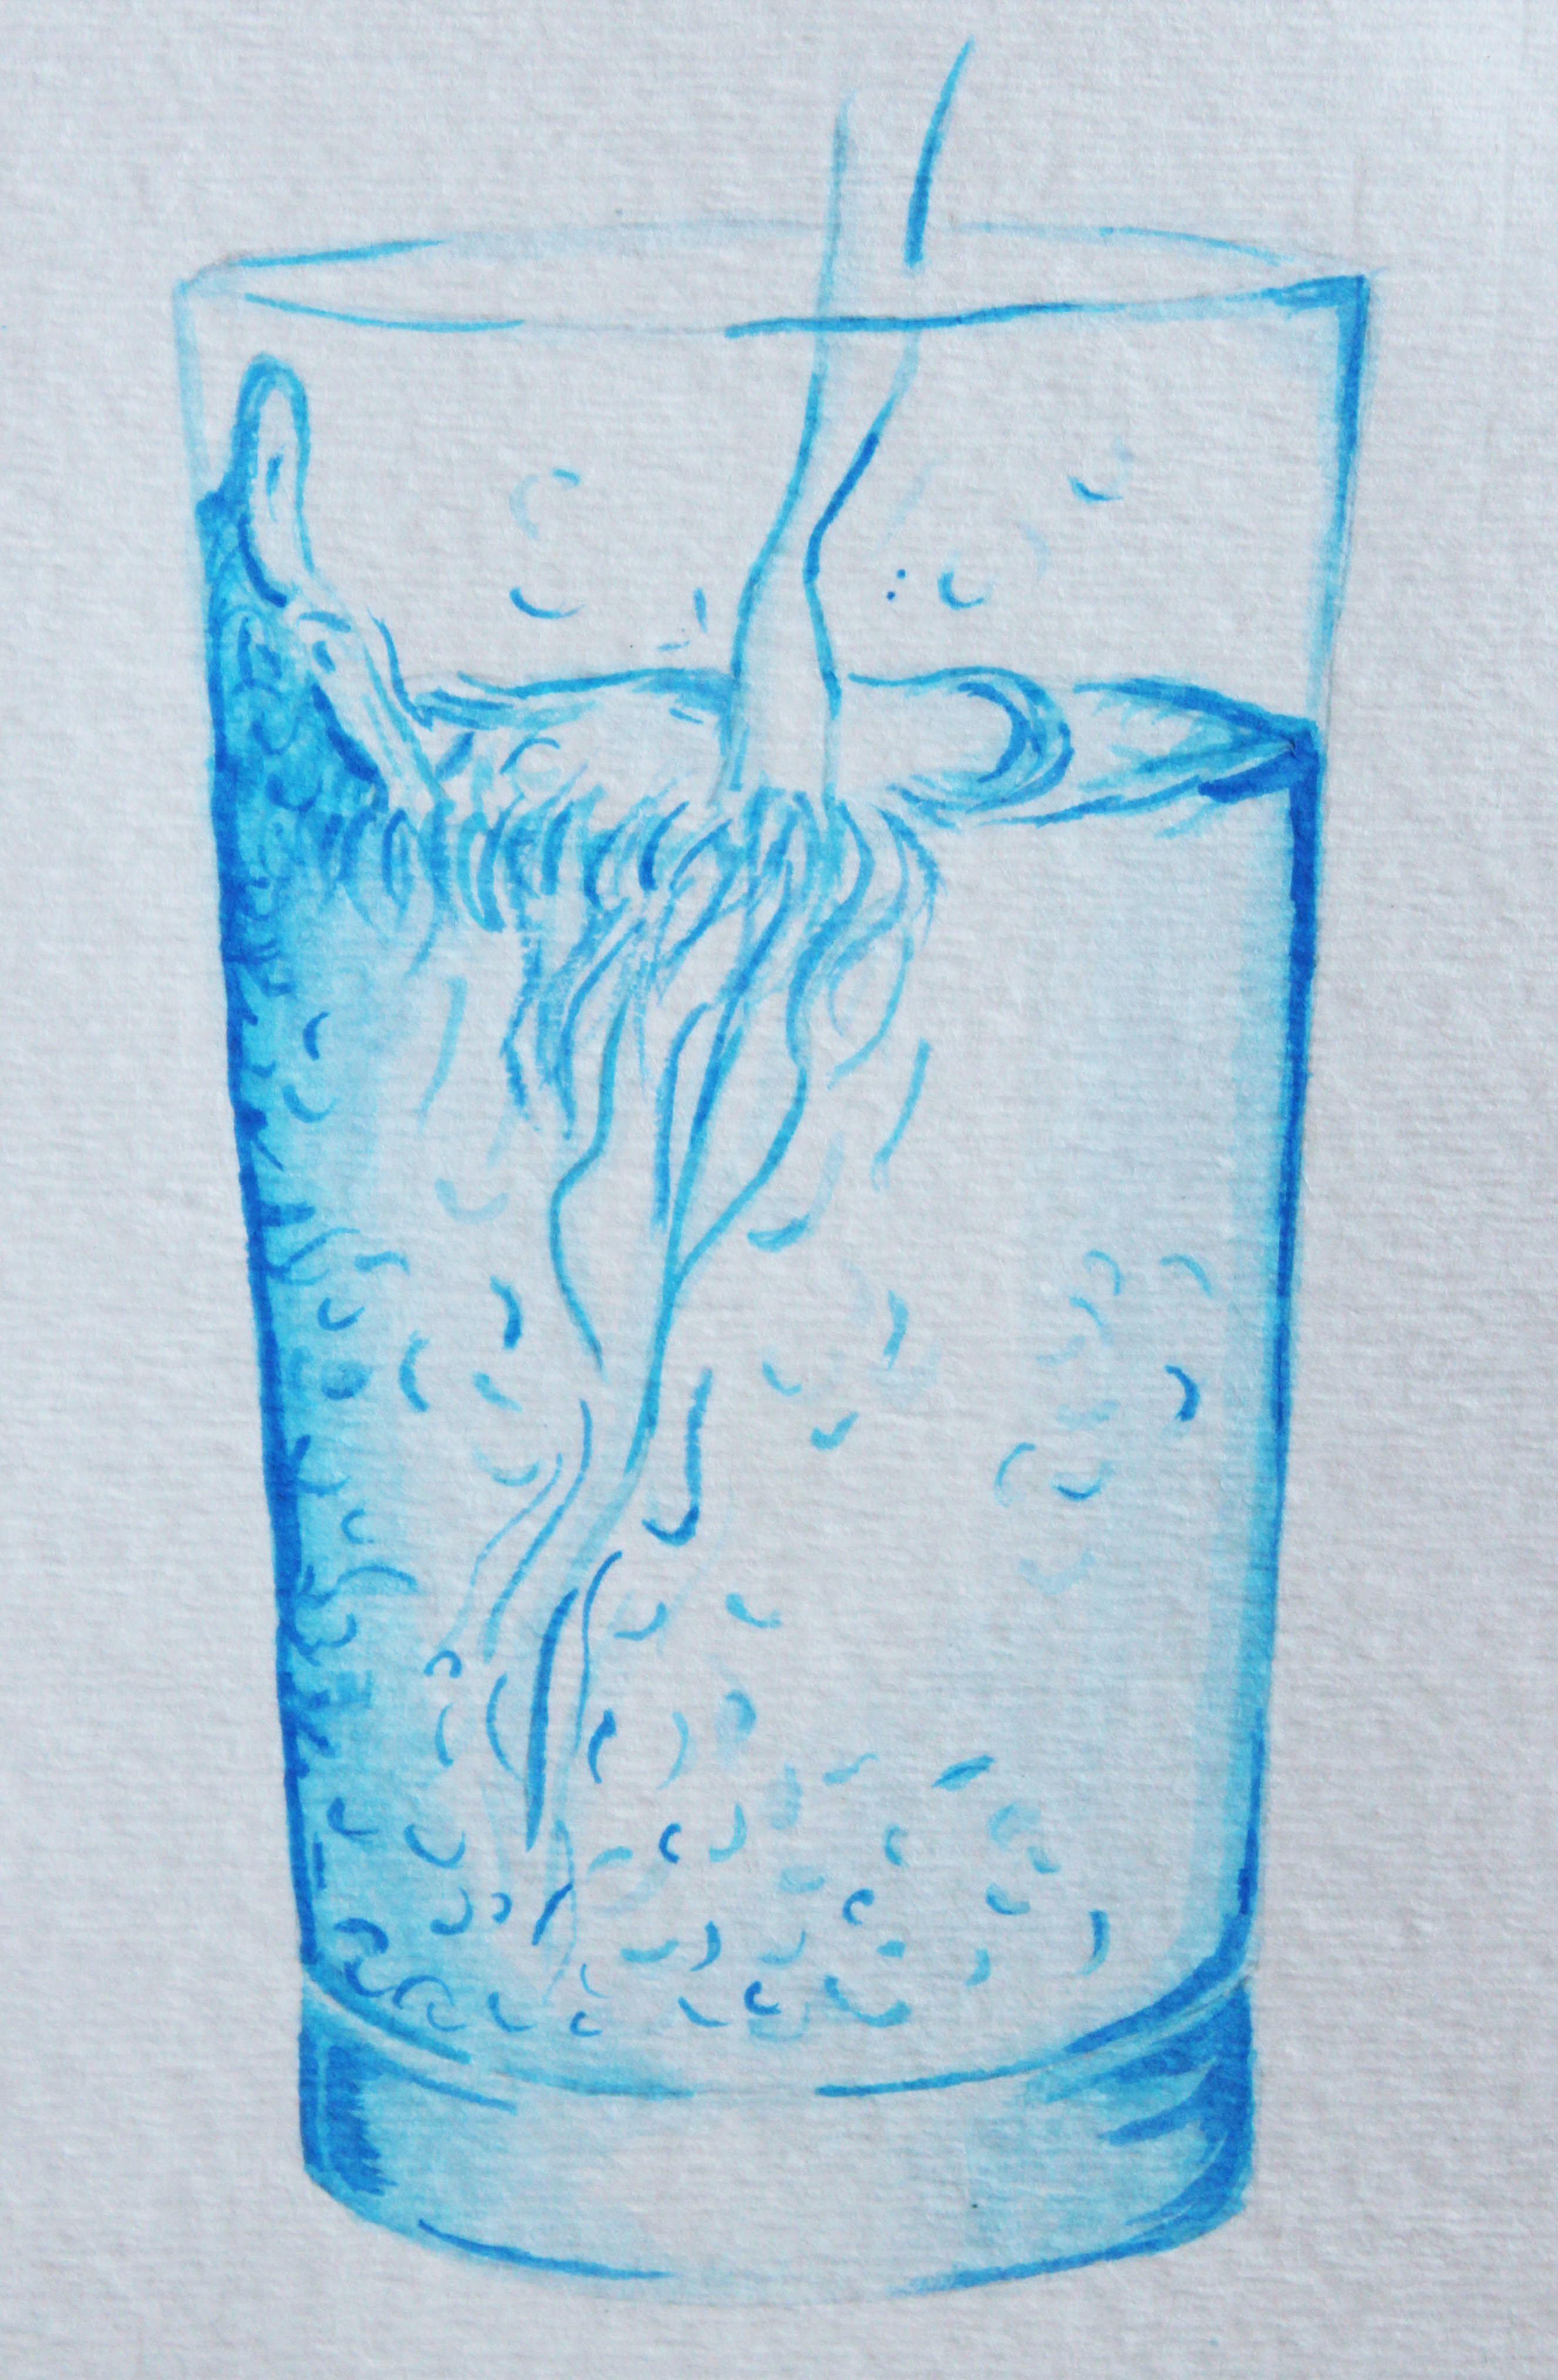 Vaso De Agua Transparencia Acuarela Con Imagenes Arte Del